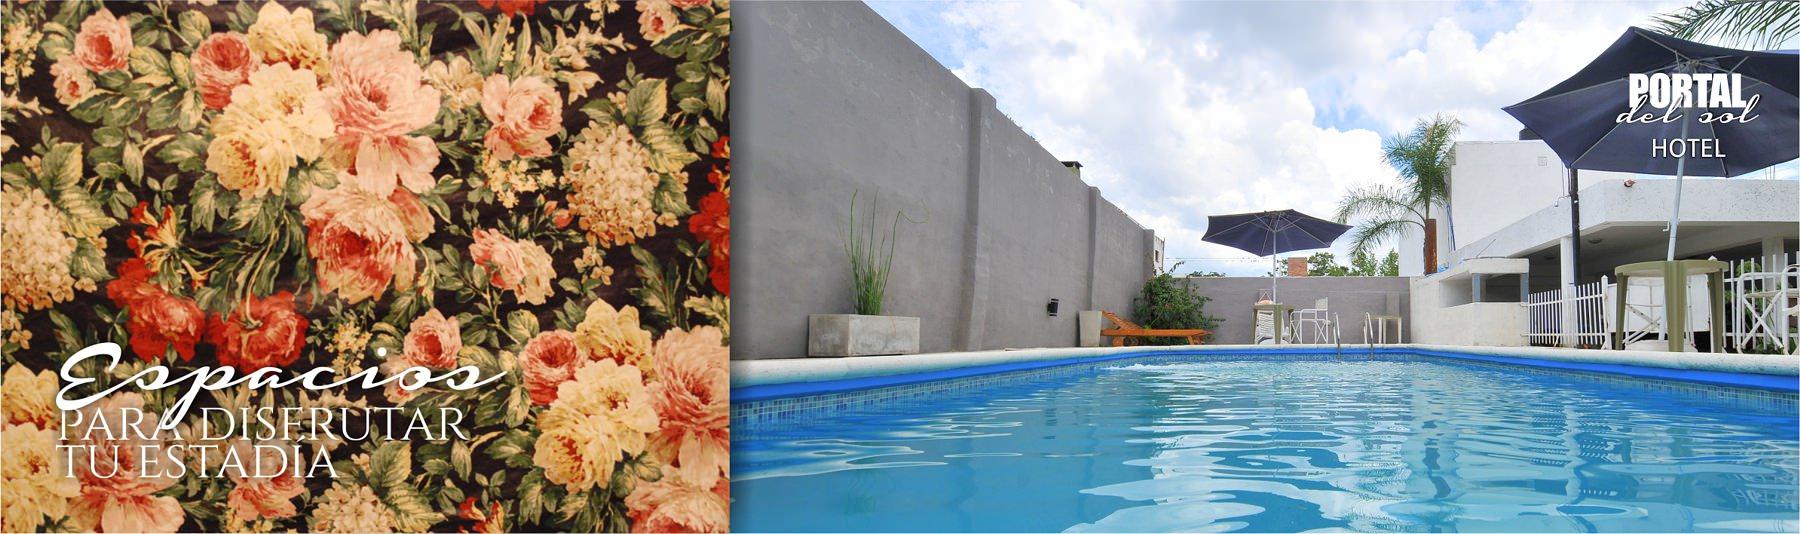 Hotel nuevo portal del sol en el centro de villa carlos for Hotel portal del sol